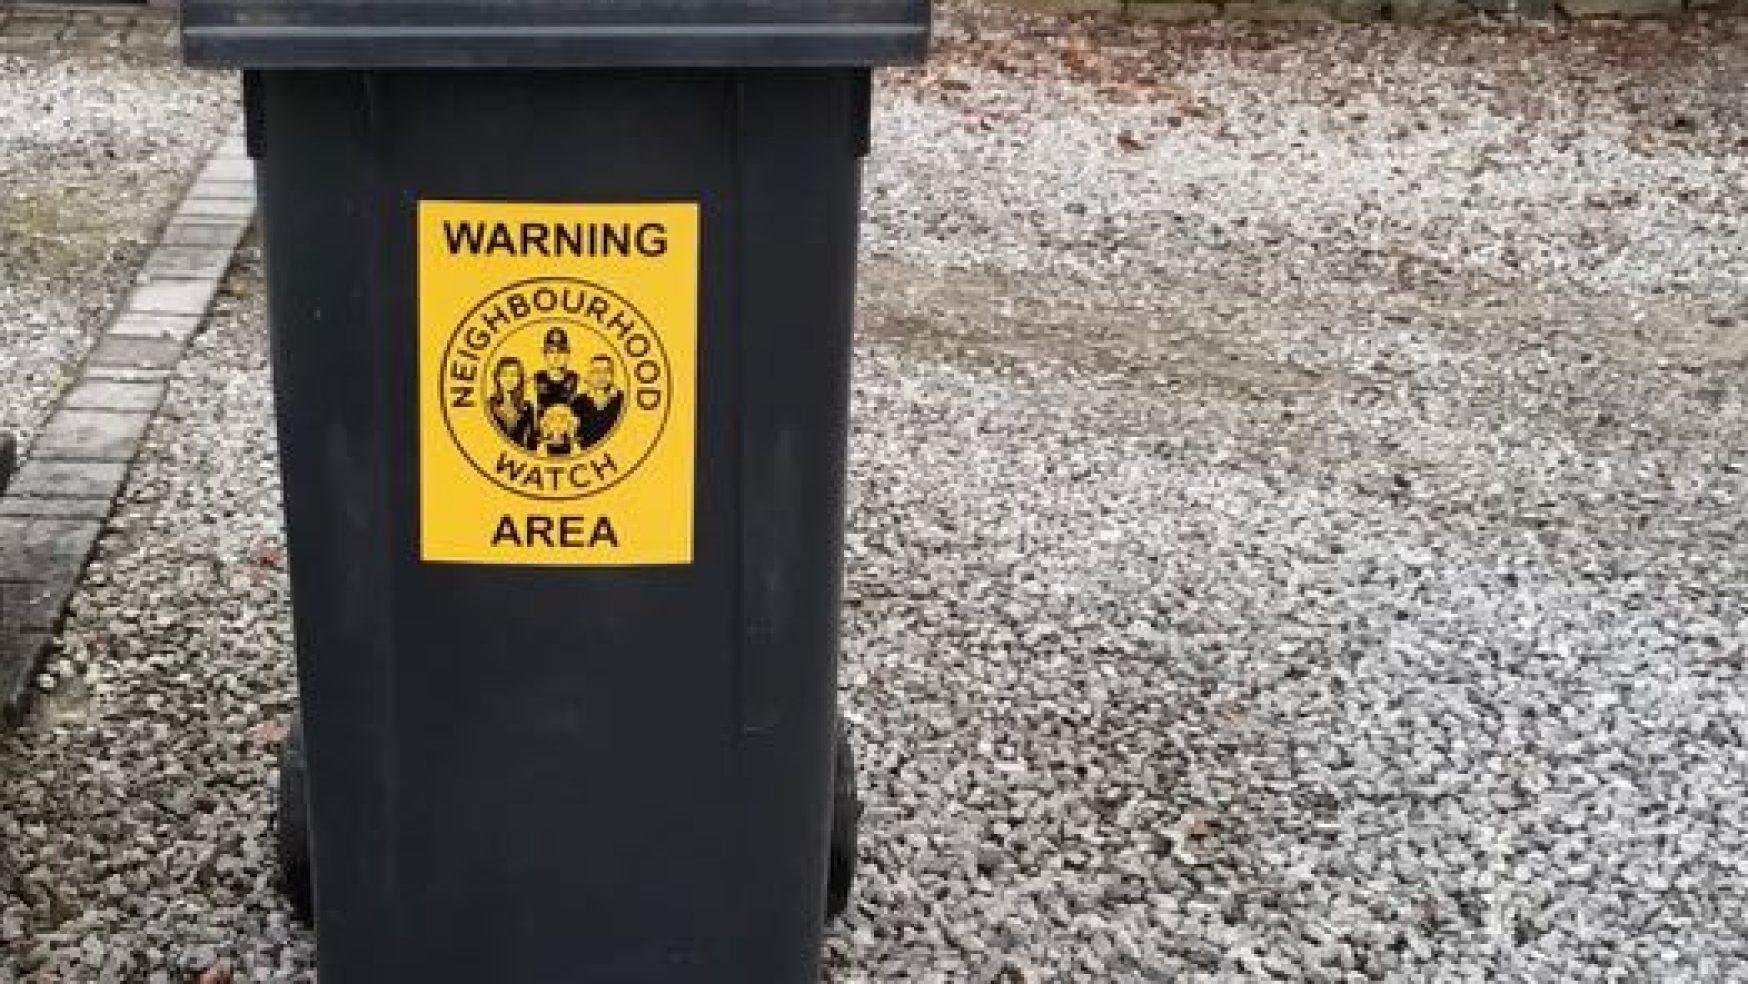 A wheelie good deterrent